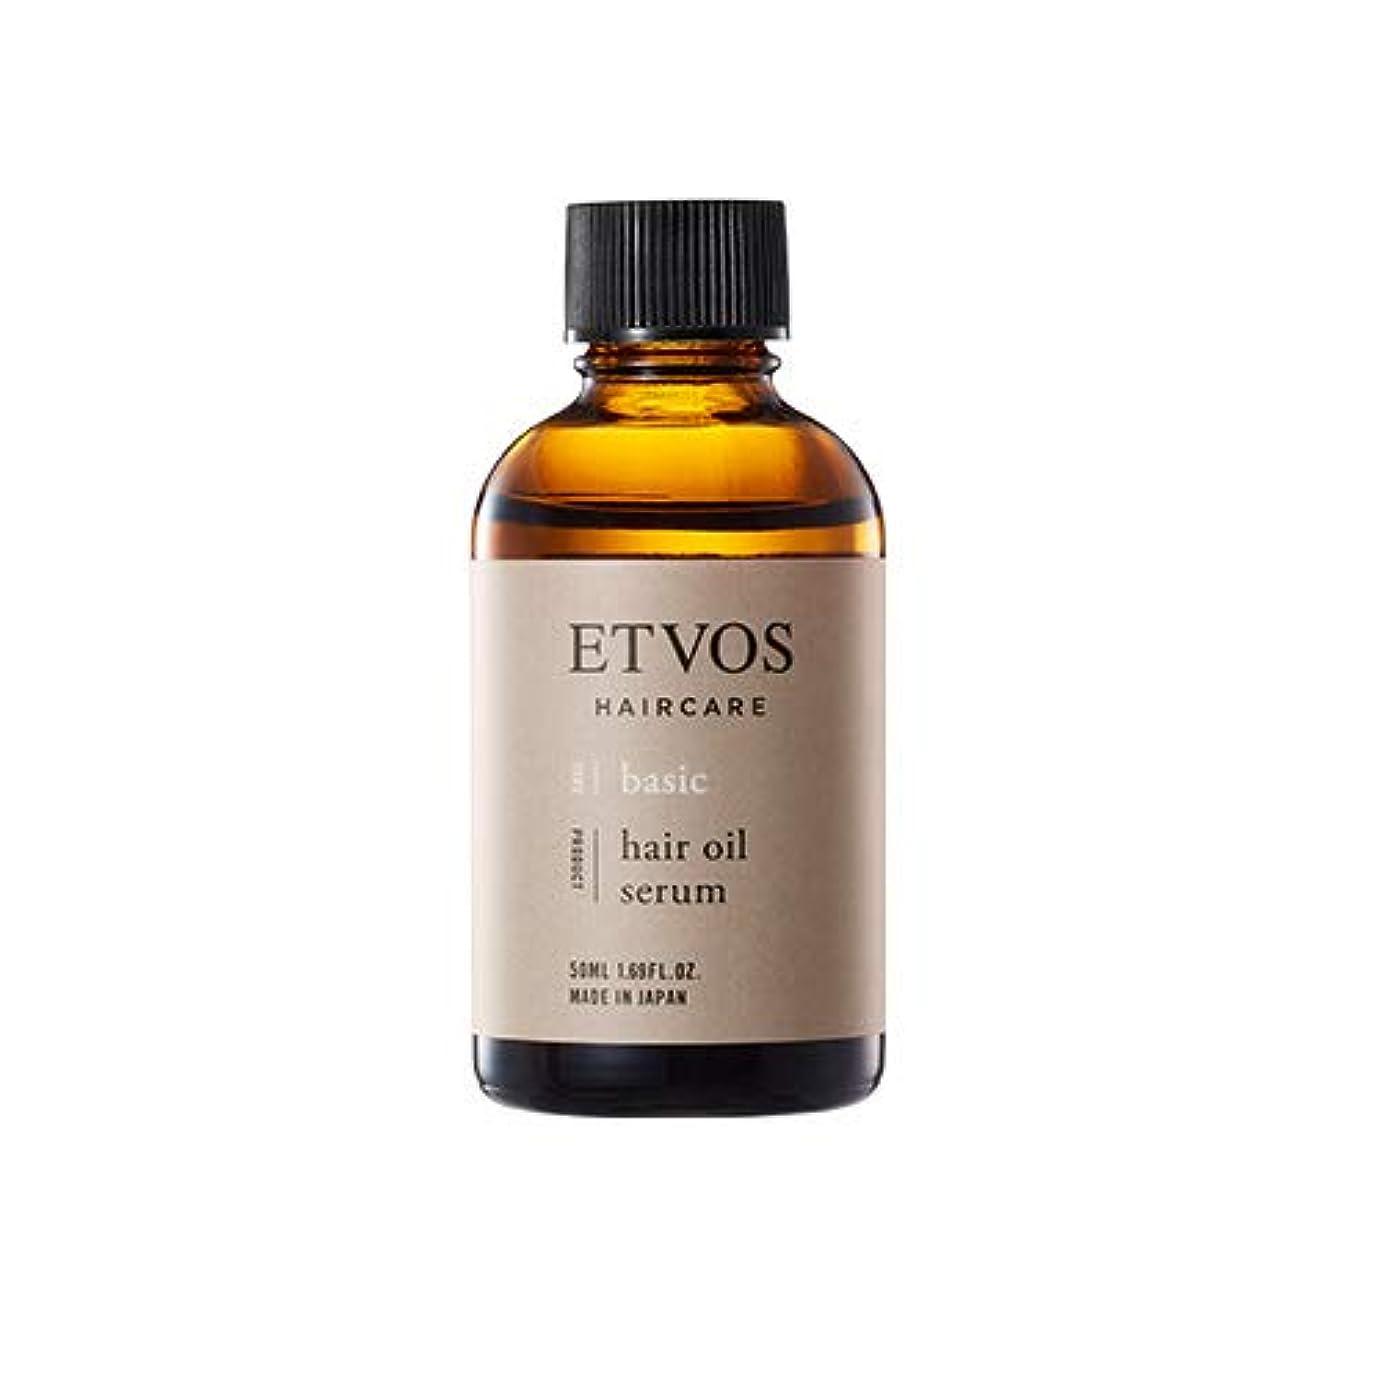 丘バイオリン必要ないETVOS(エトヴォス) ヘアオイルセラム 50ml ヘアスタイル 毛髪補修成分 乾燥 熱 ノンシリコン 美容オイル